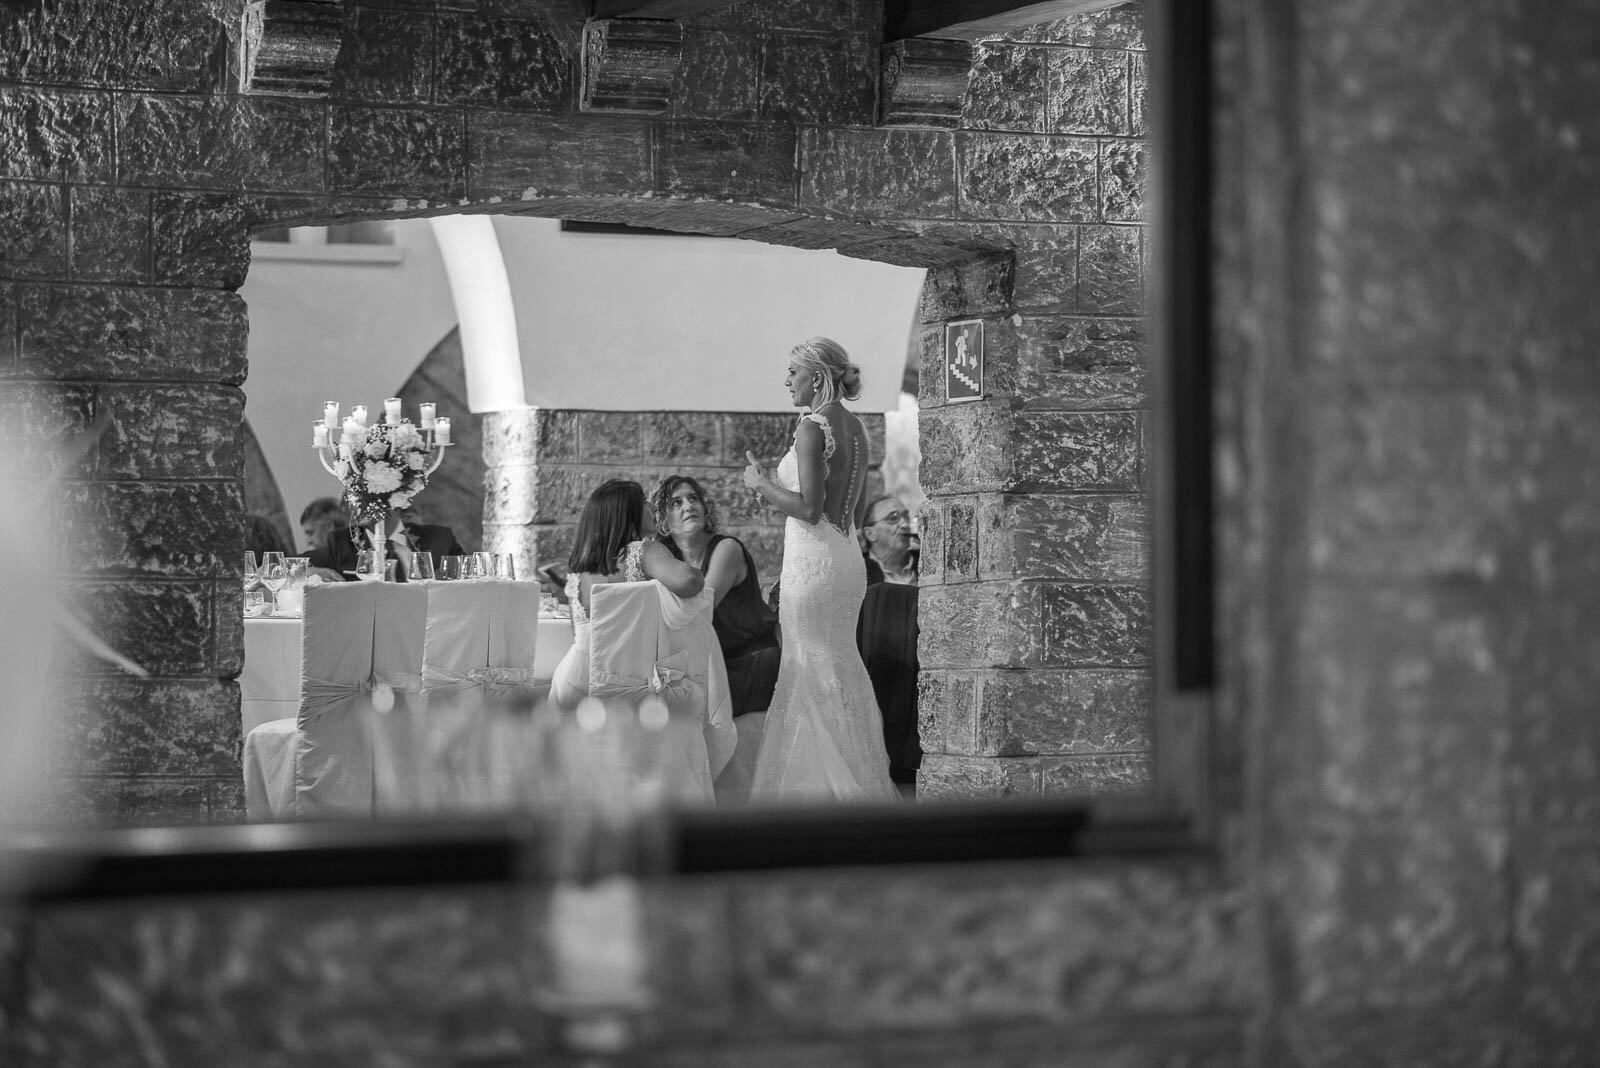 matrimonio romantico castello monaci 20.jpg